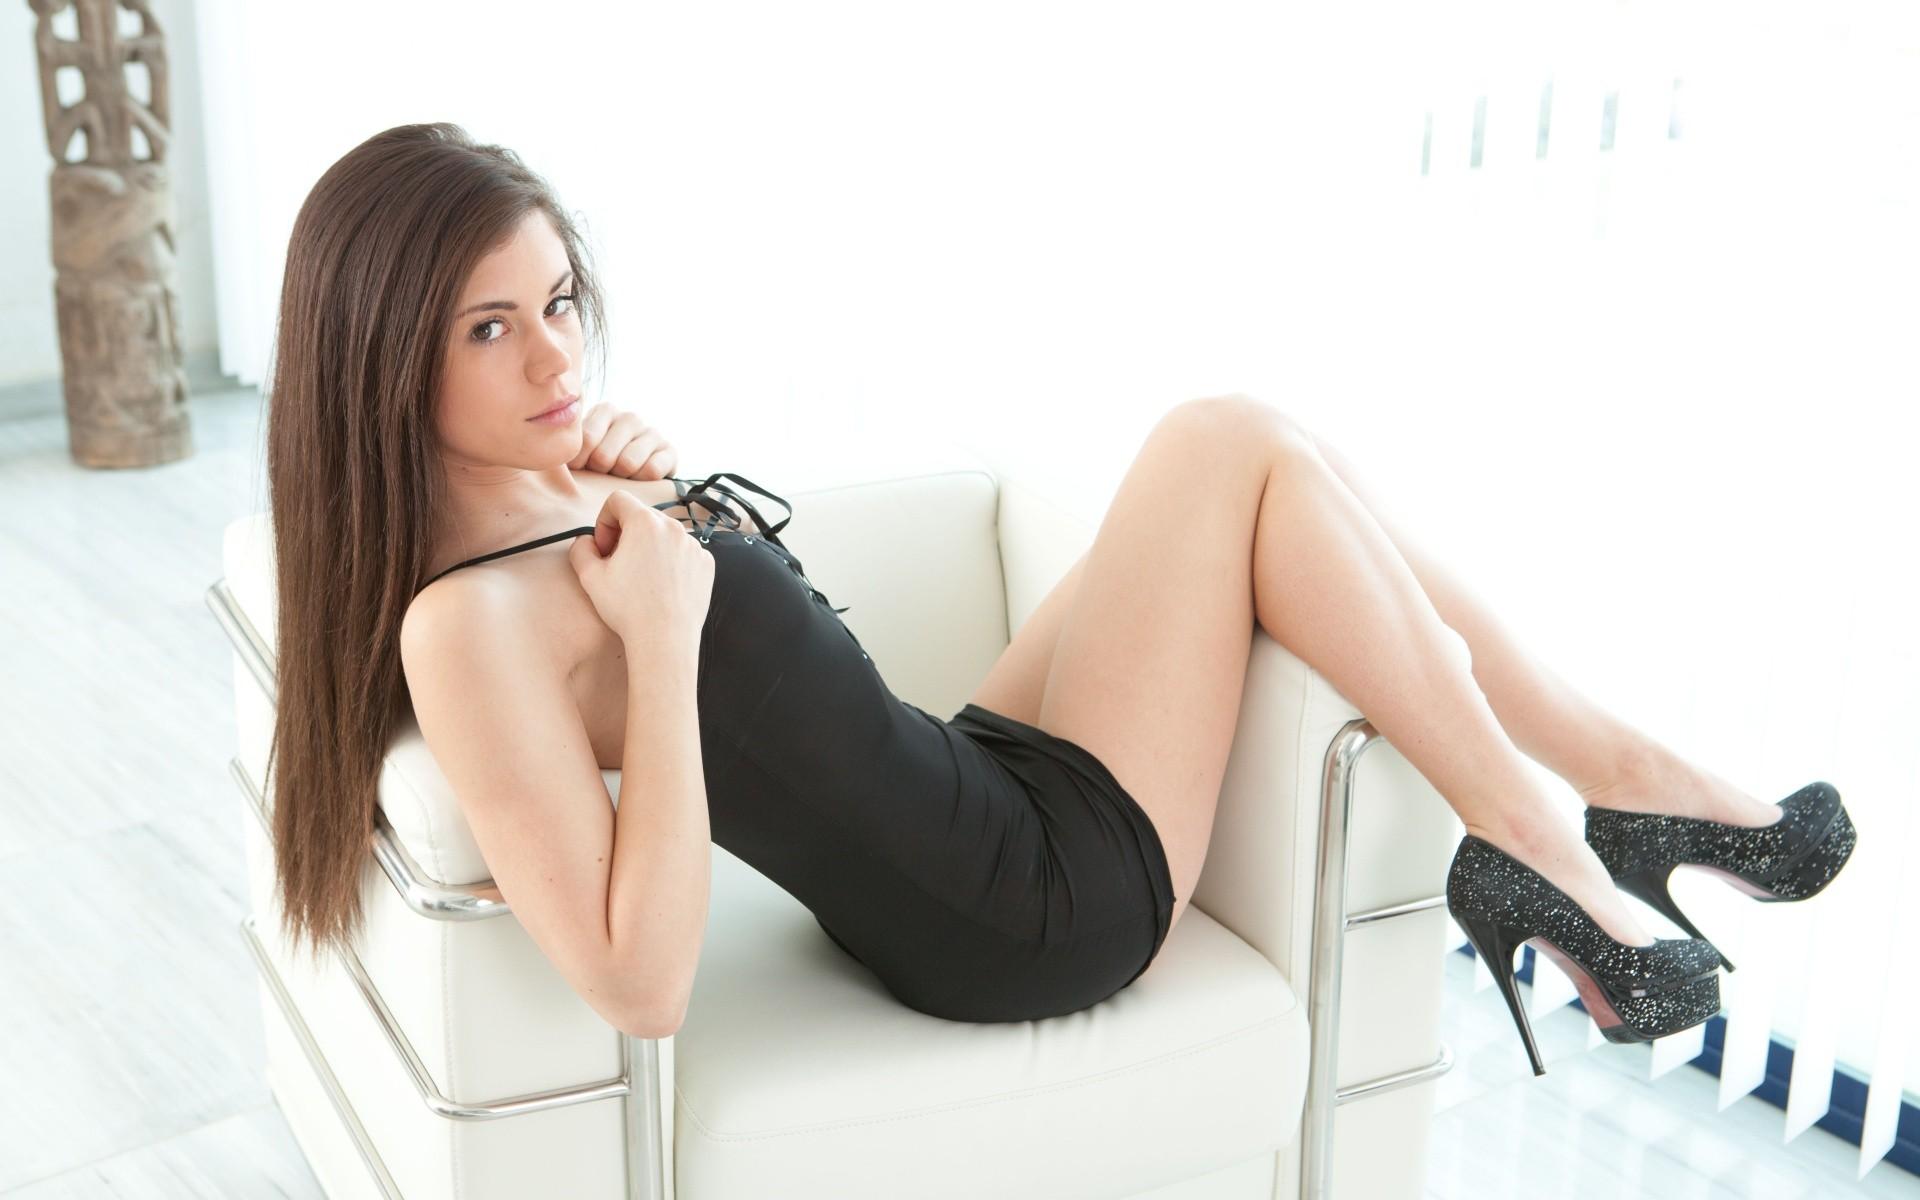 Raven riley black panties